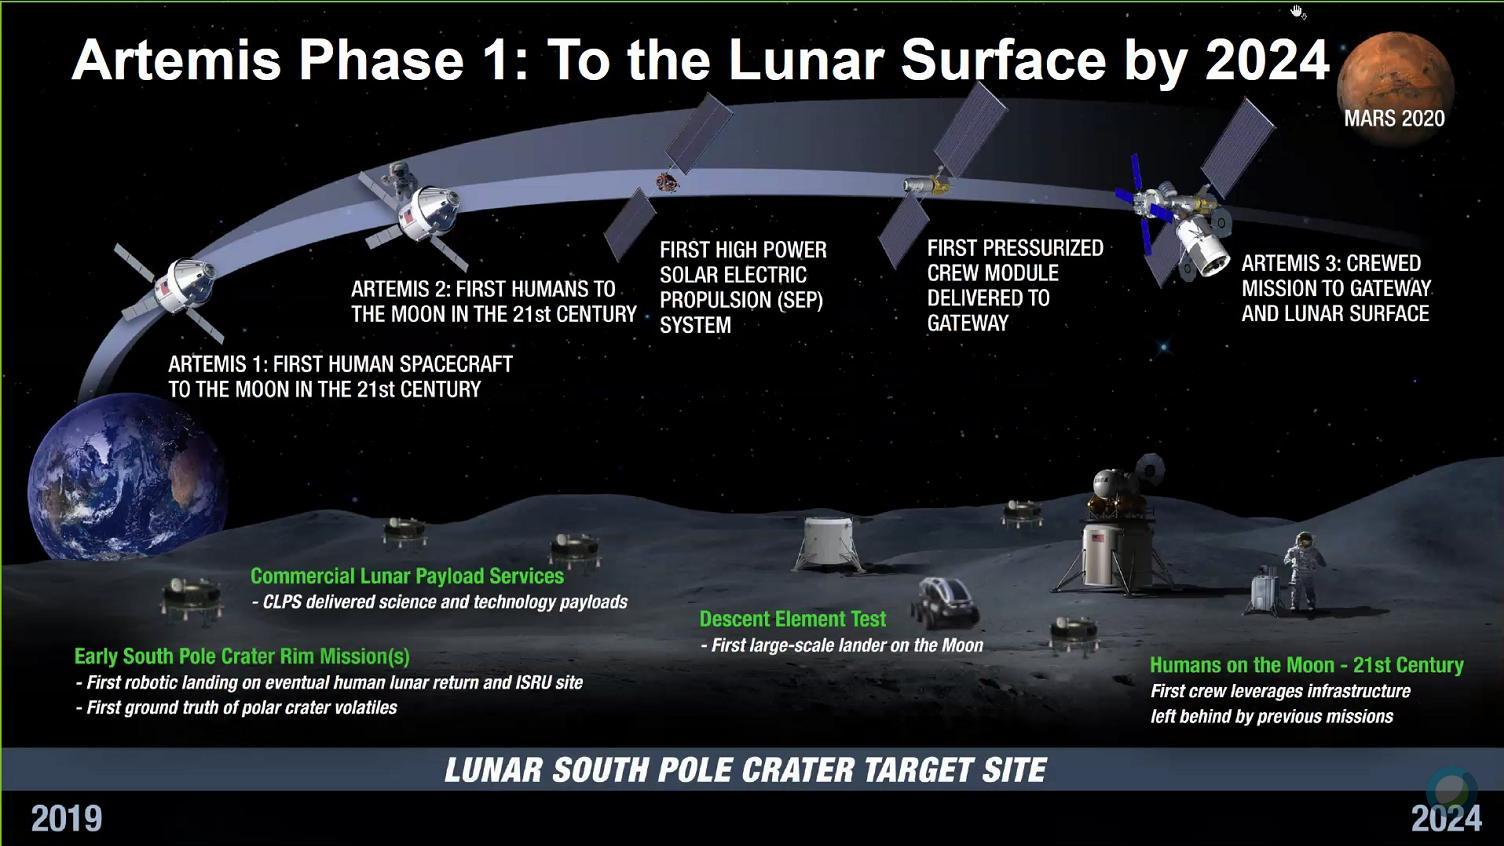 Genèse du programme lunaire Artemis - Page 4 D7GQJq6WkAAu_eB